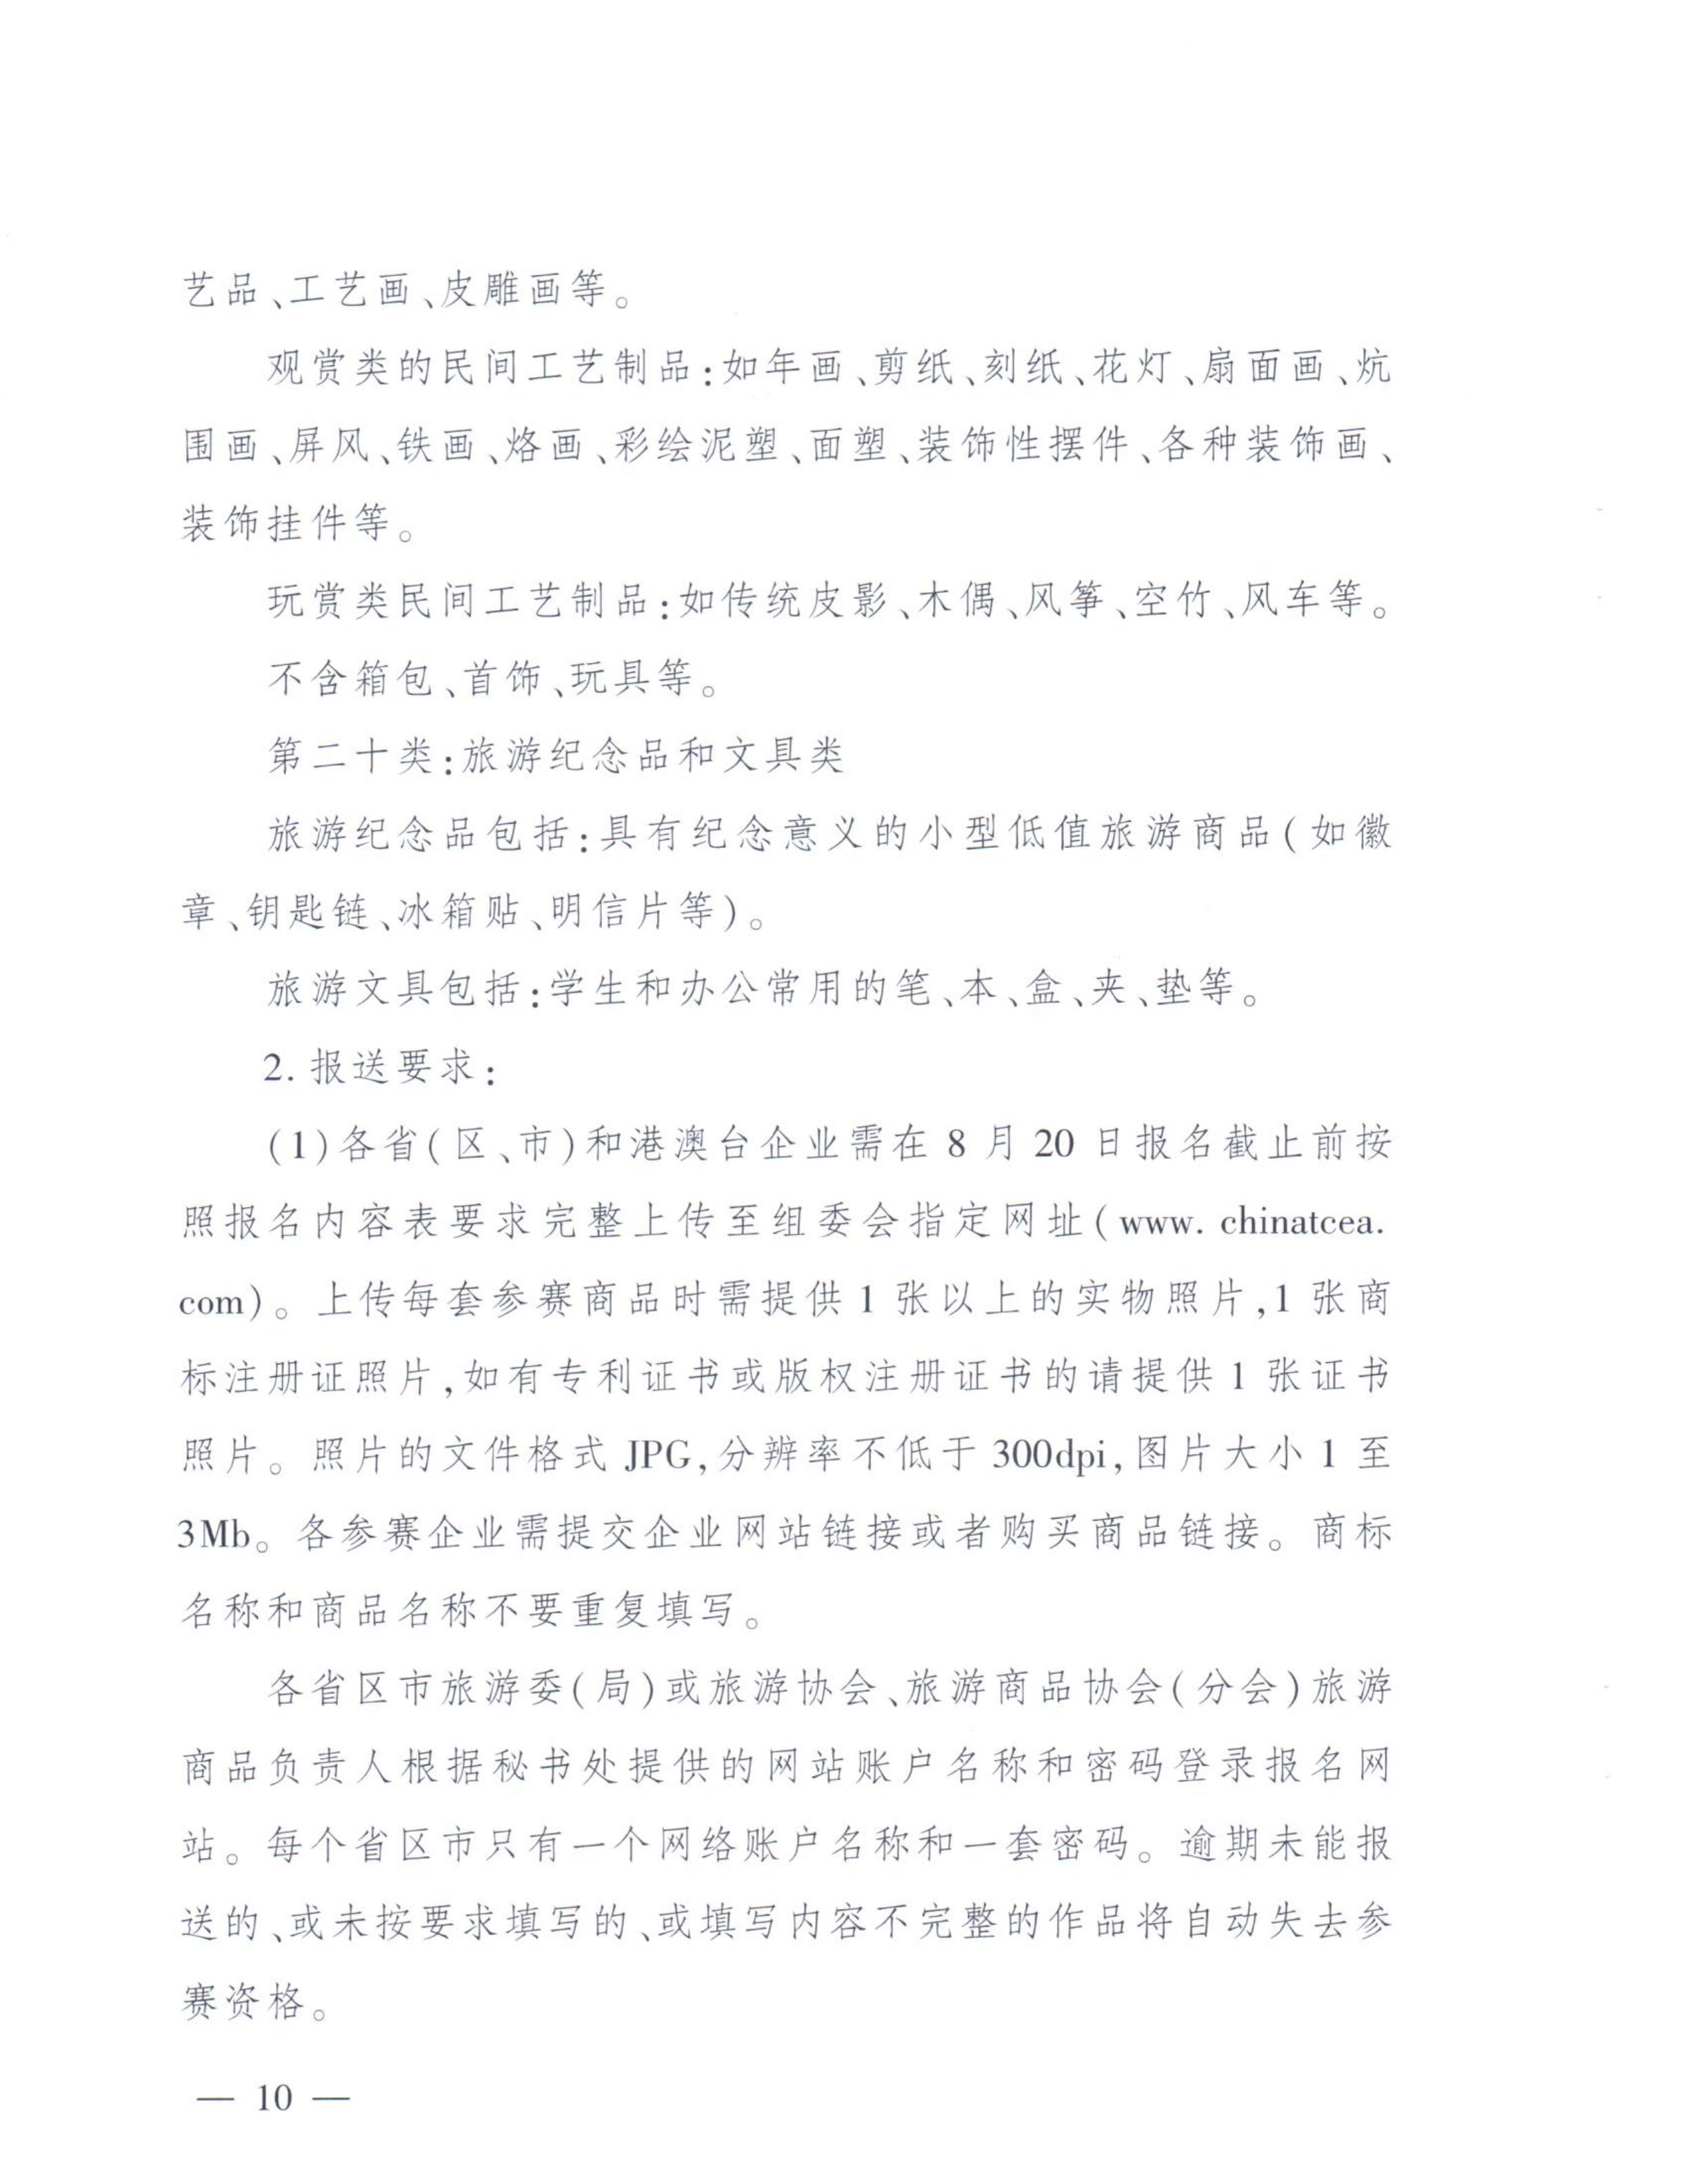 舉辦2019中國特色旅游商品大賽的通知-9-舉辦2019中國特色旅游商品大賽的通知-9_09